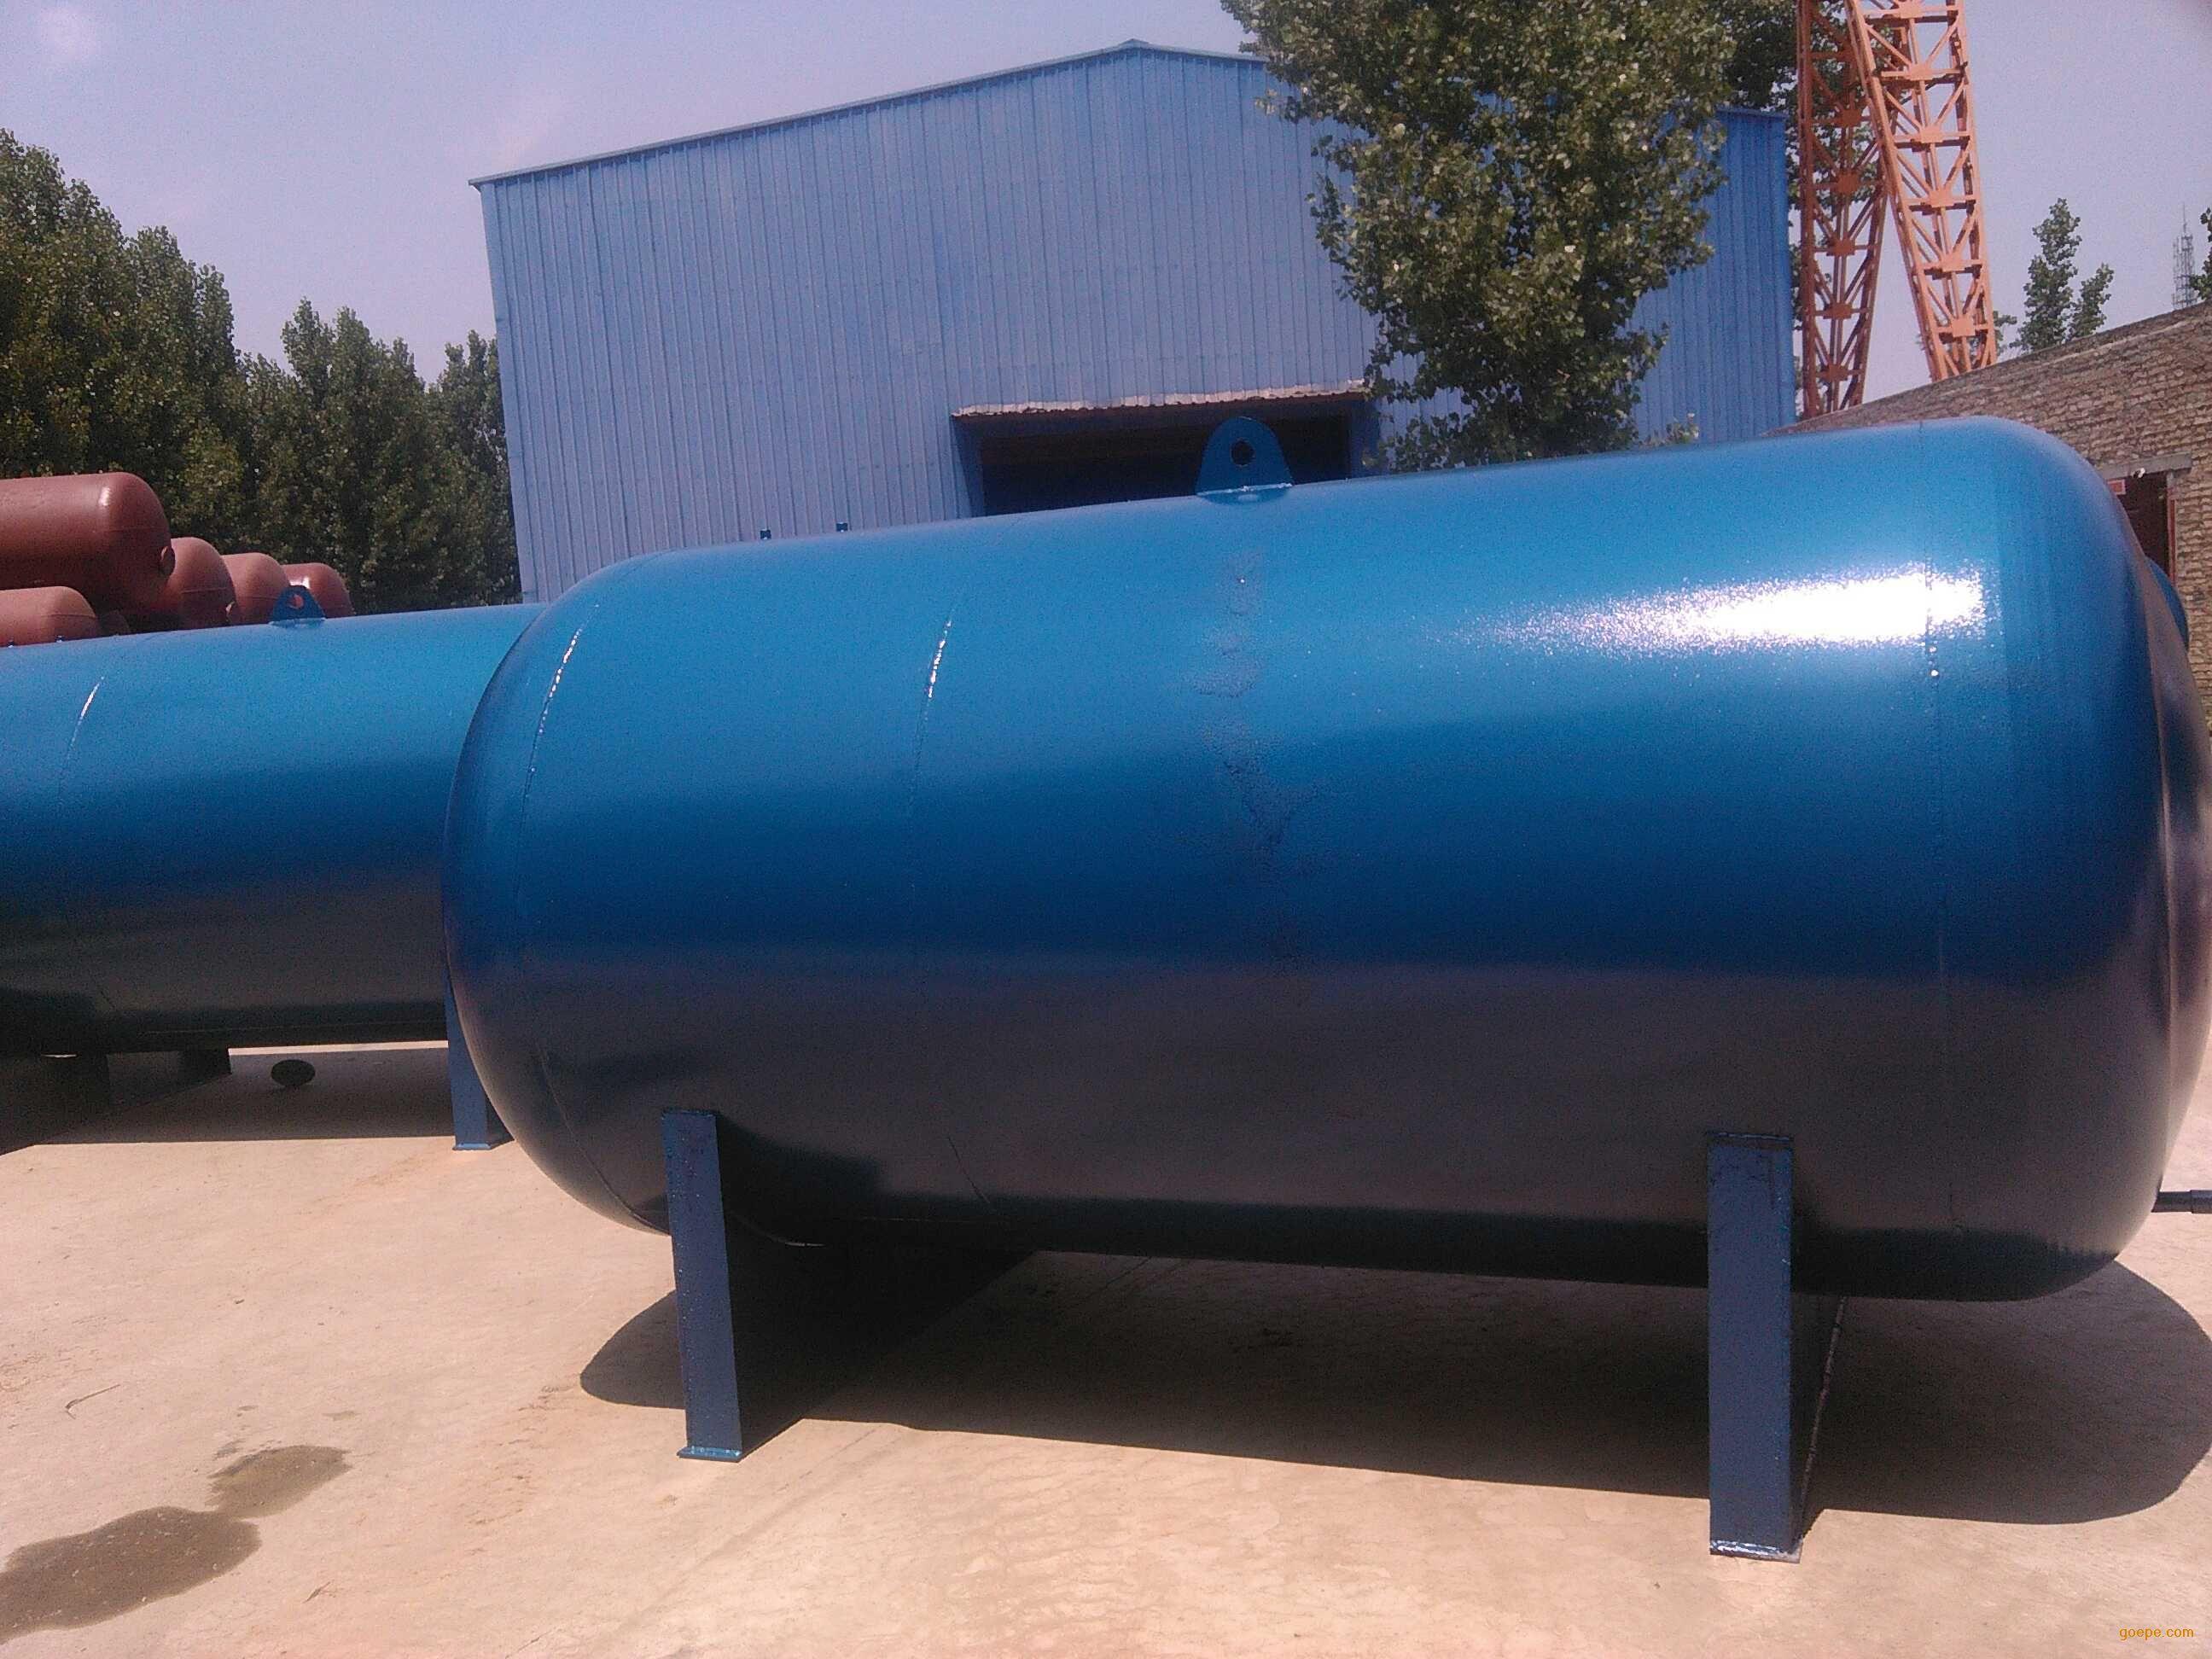 驰骋无塔供水设备,质量保证,欢迎咨询洽谈图片